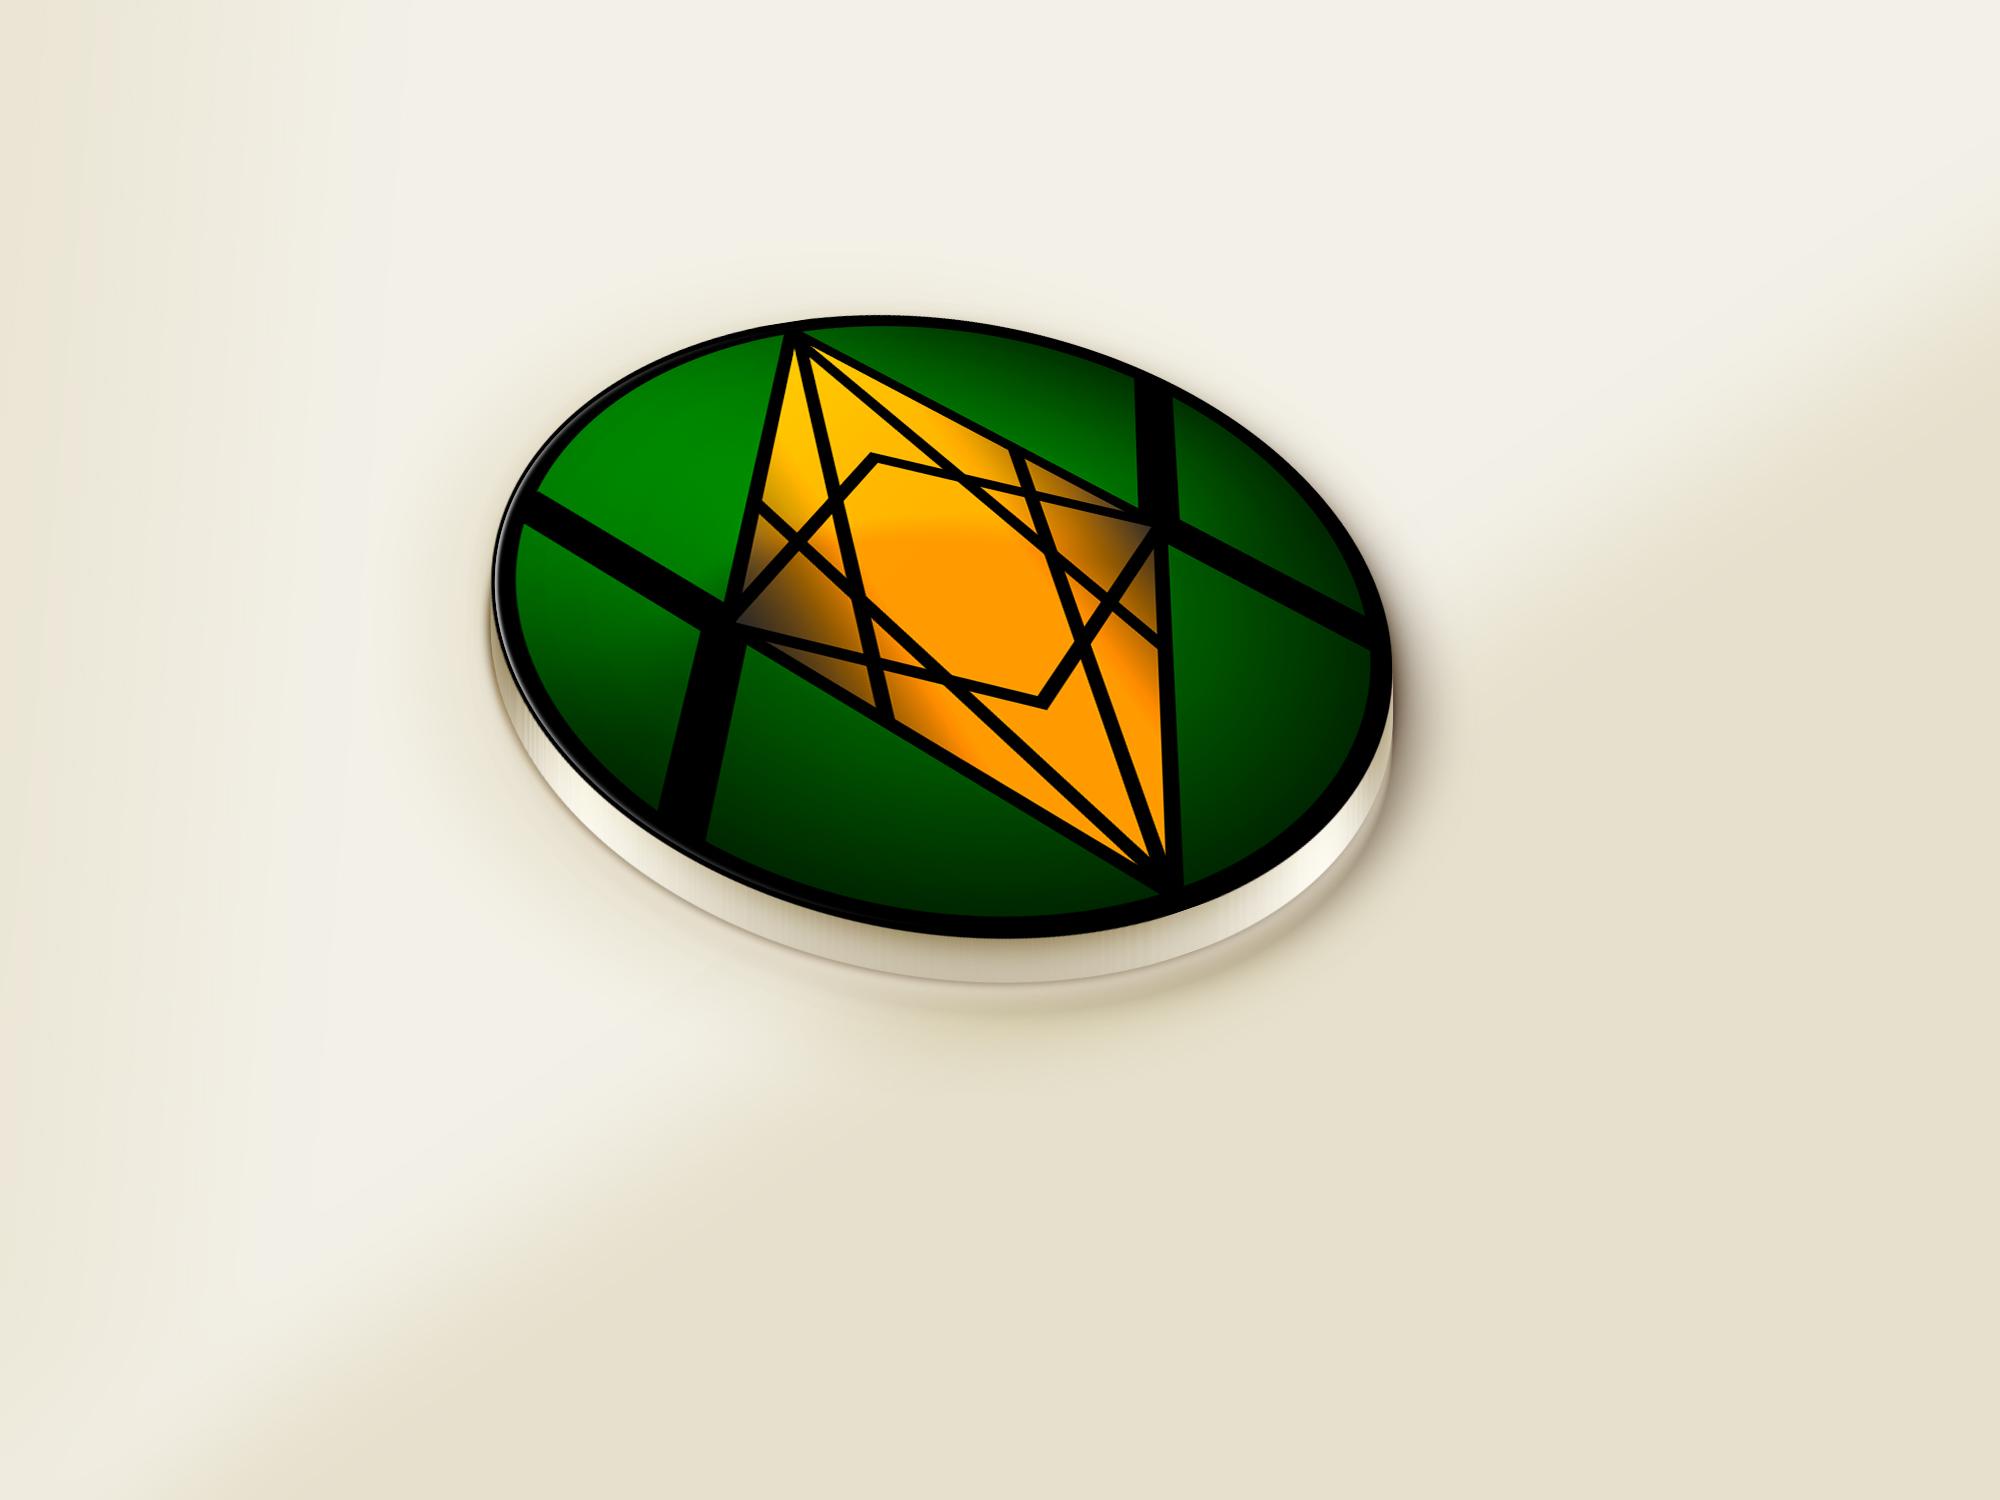 Нужен логотип (эмблема) для самодельного квадроцикла фото f_2505afe7e0c2c075.jpg